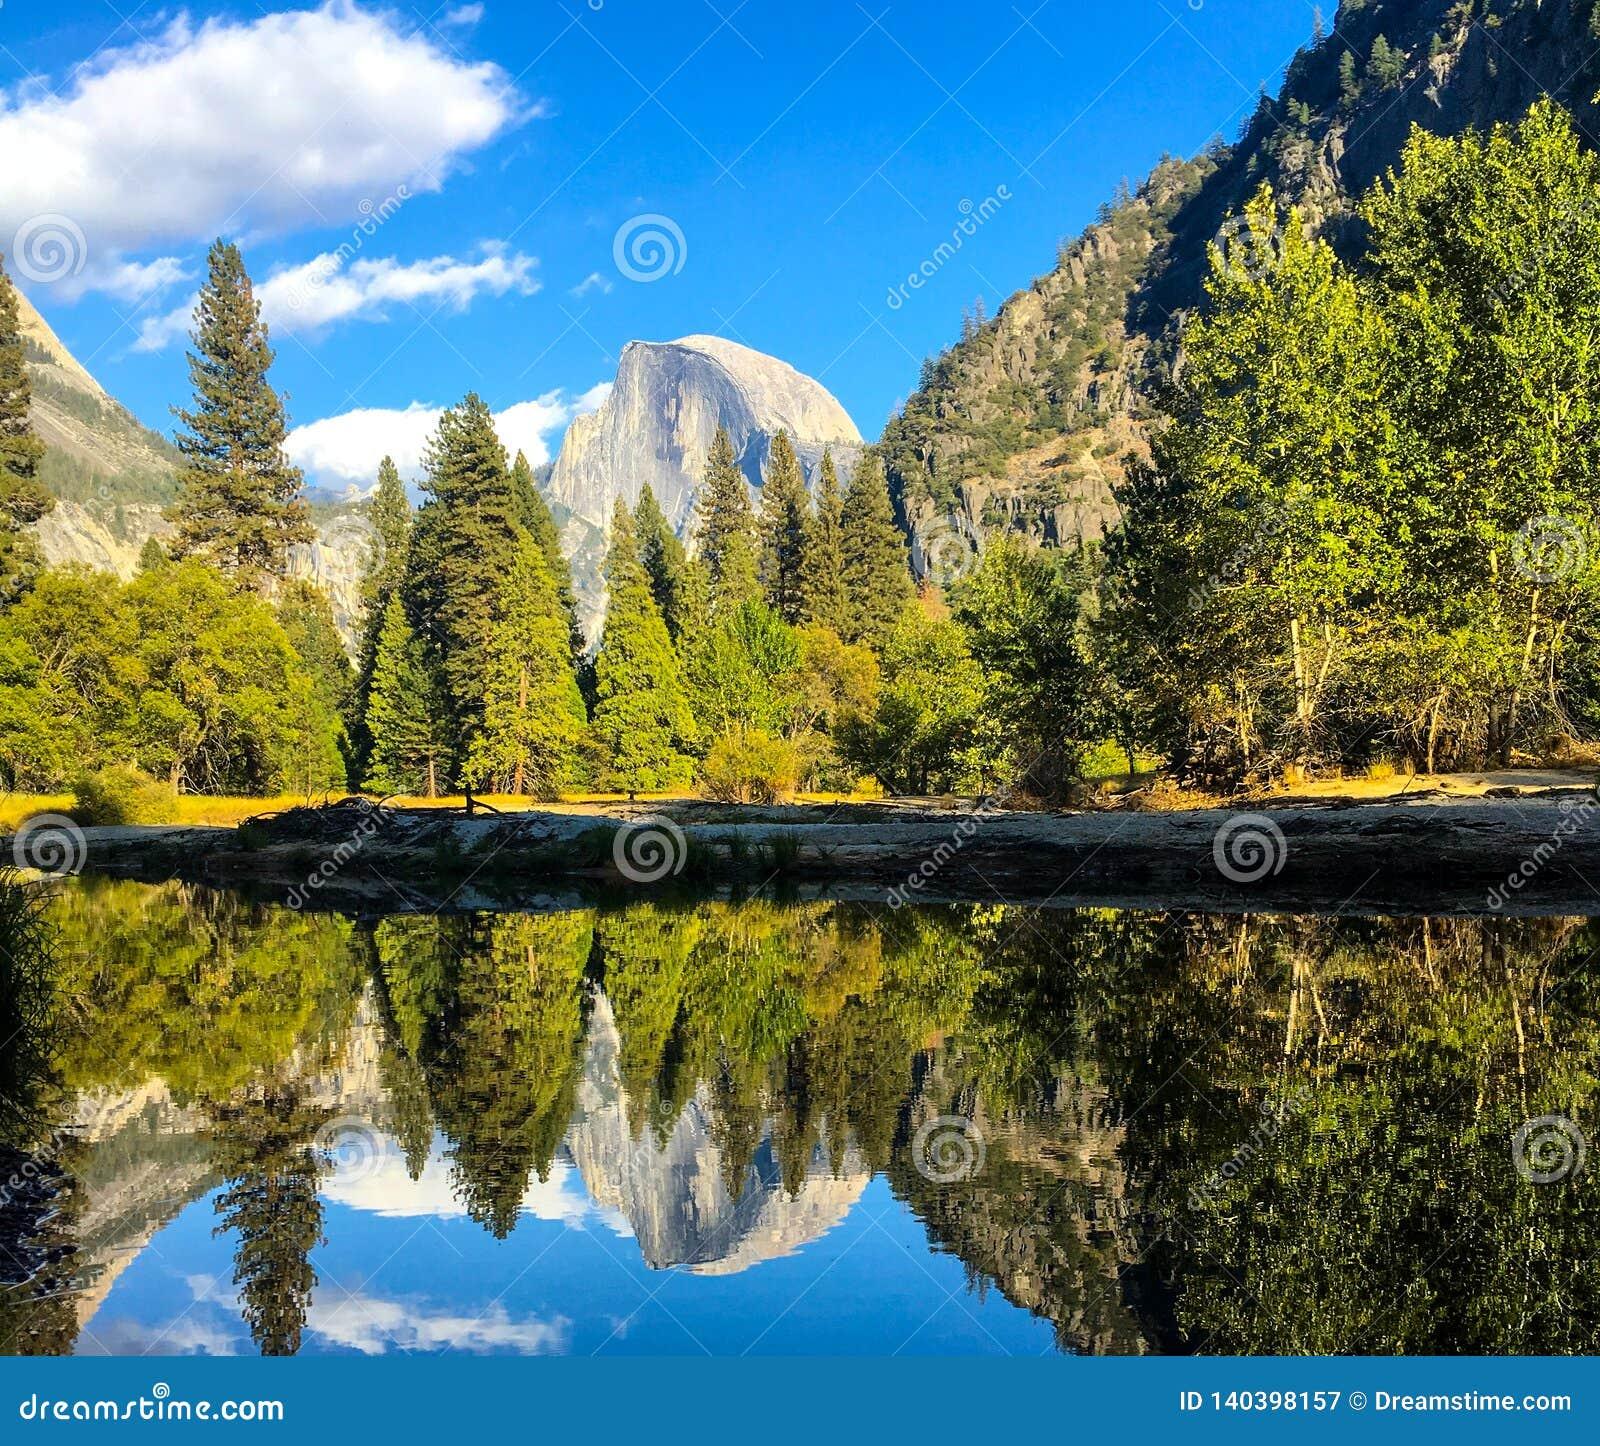 Yosemite odzwierciedla widok dla majestatycznej skały chującej drzewami